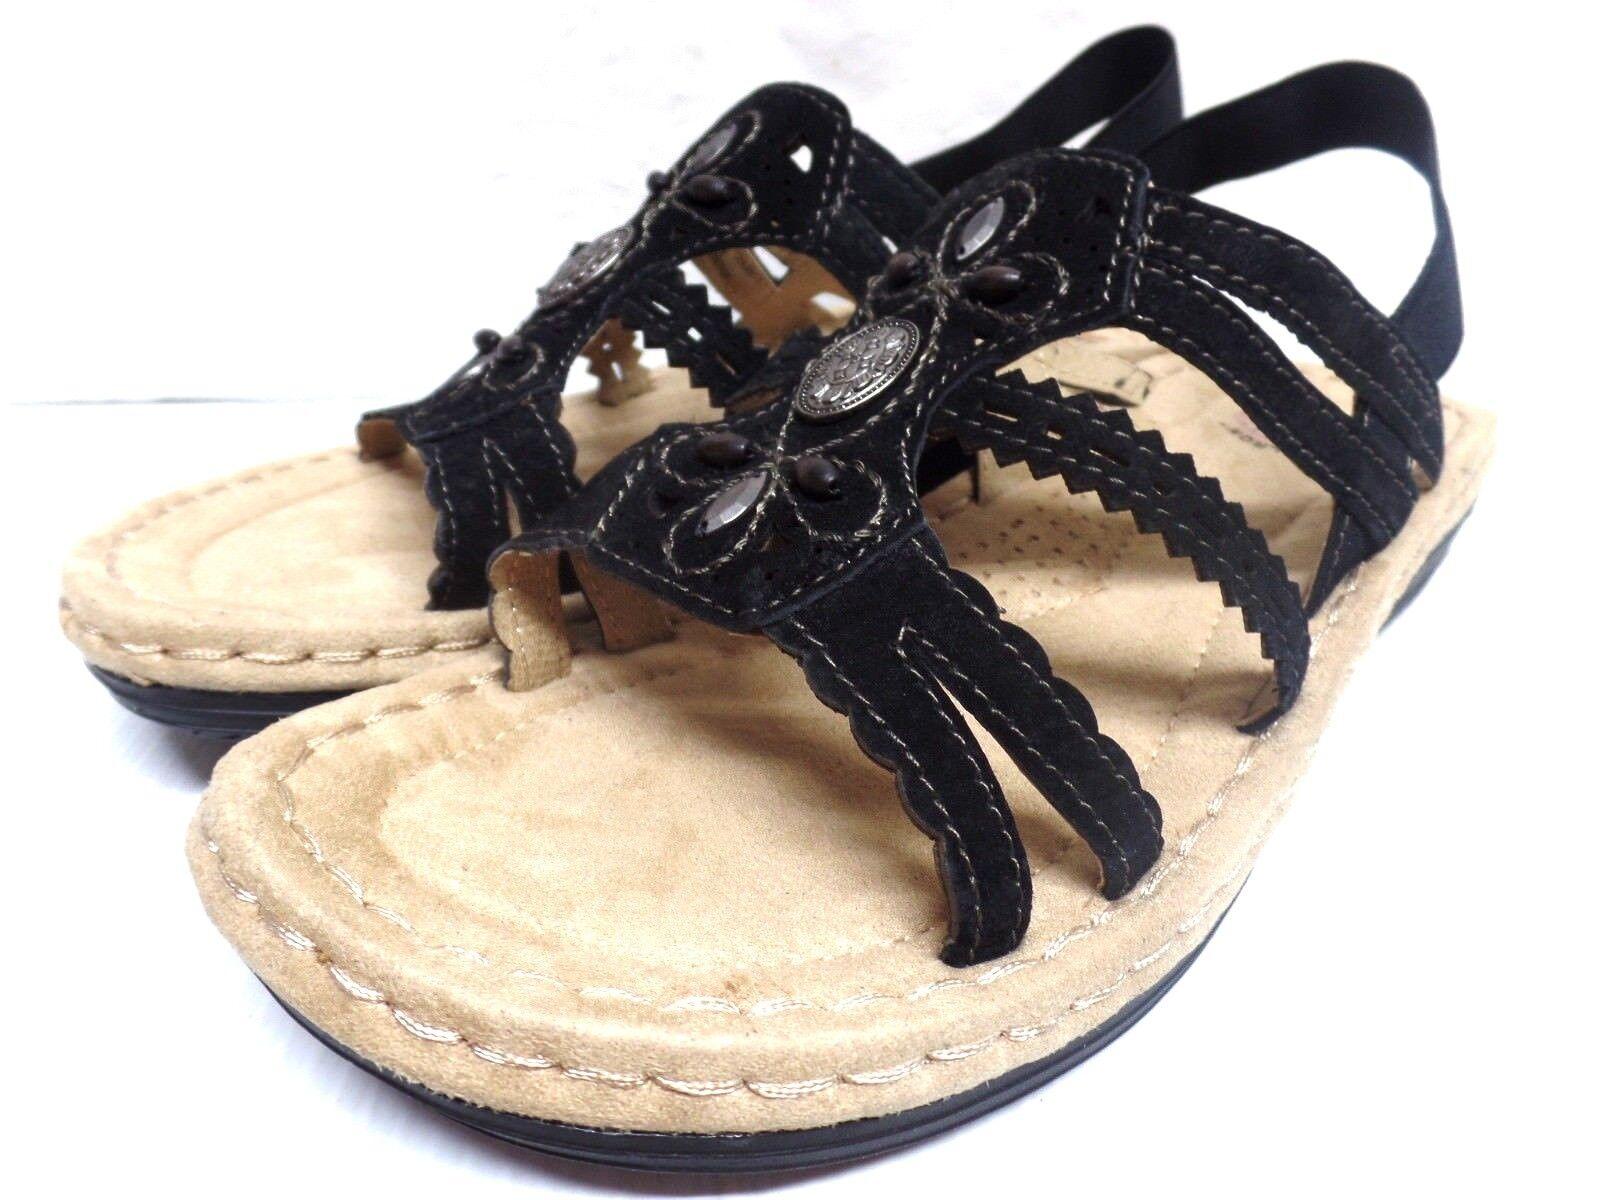 BIRKENSTOCK 'Gizeh' Black Licorice Leather Birko-Flor Sandals  Slide Sandals Birko-Flor 37 L6 M4 365669